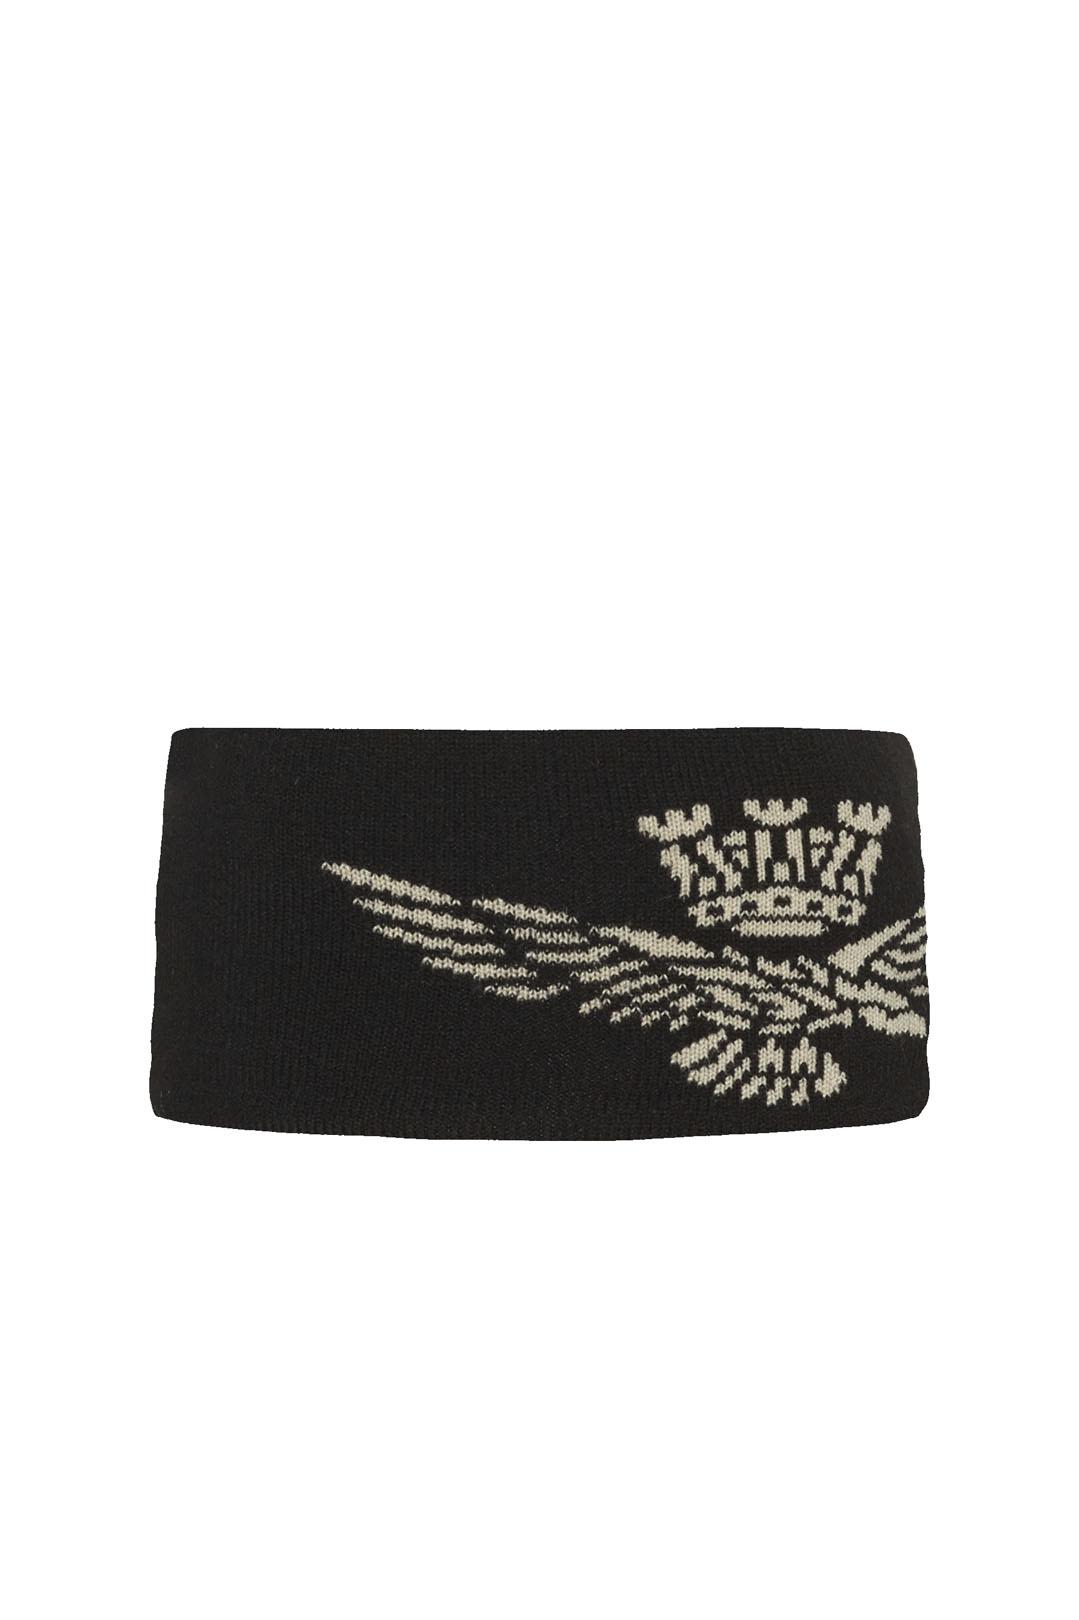 Bandeau pour cheveux avec aigle          2